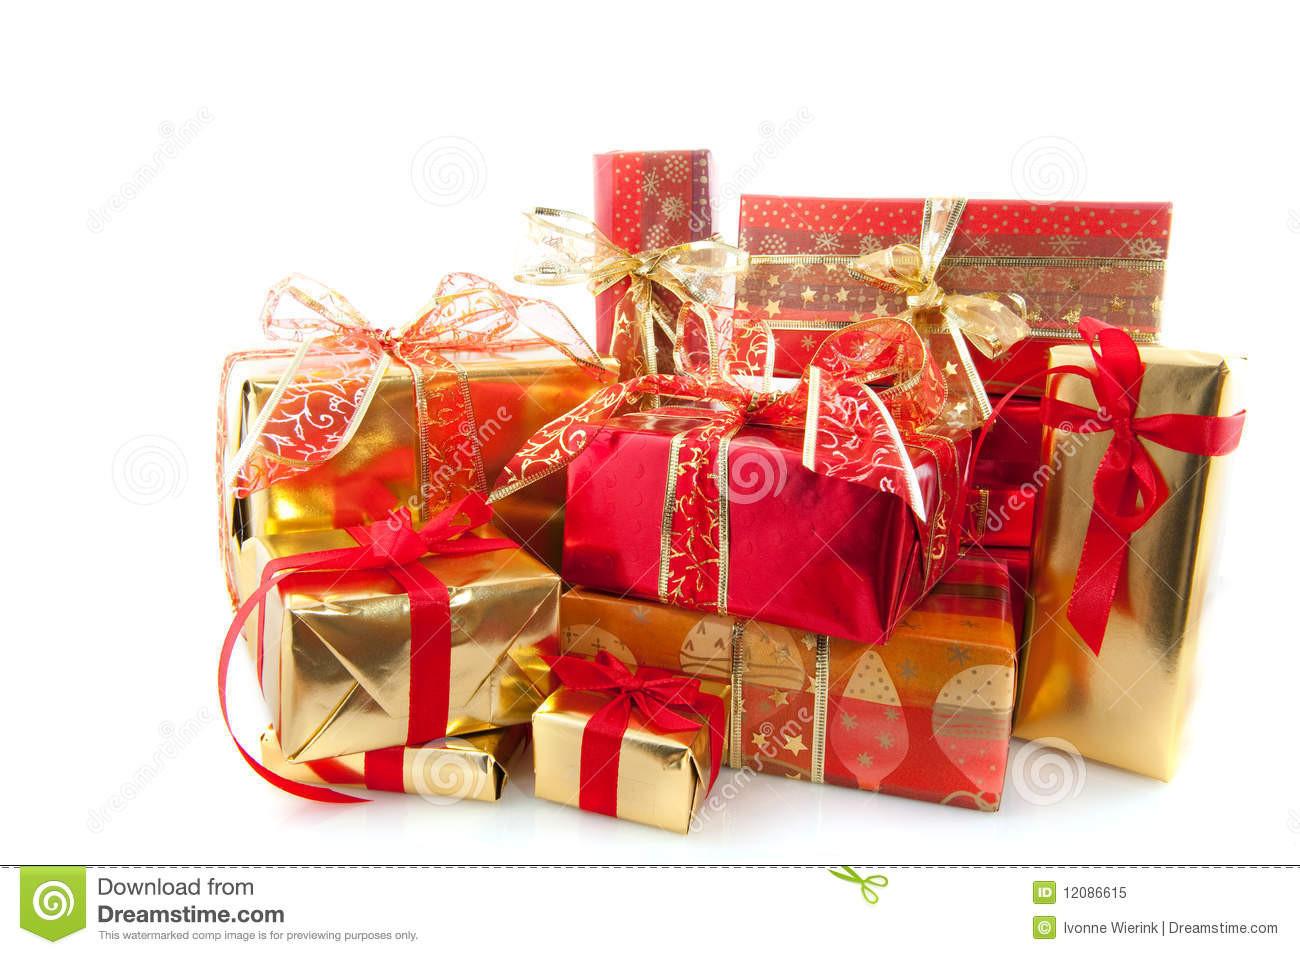 Weihnachts Geschenke  Viele Weihnachtsgeschenke stockbild Bild von dezember